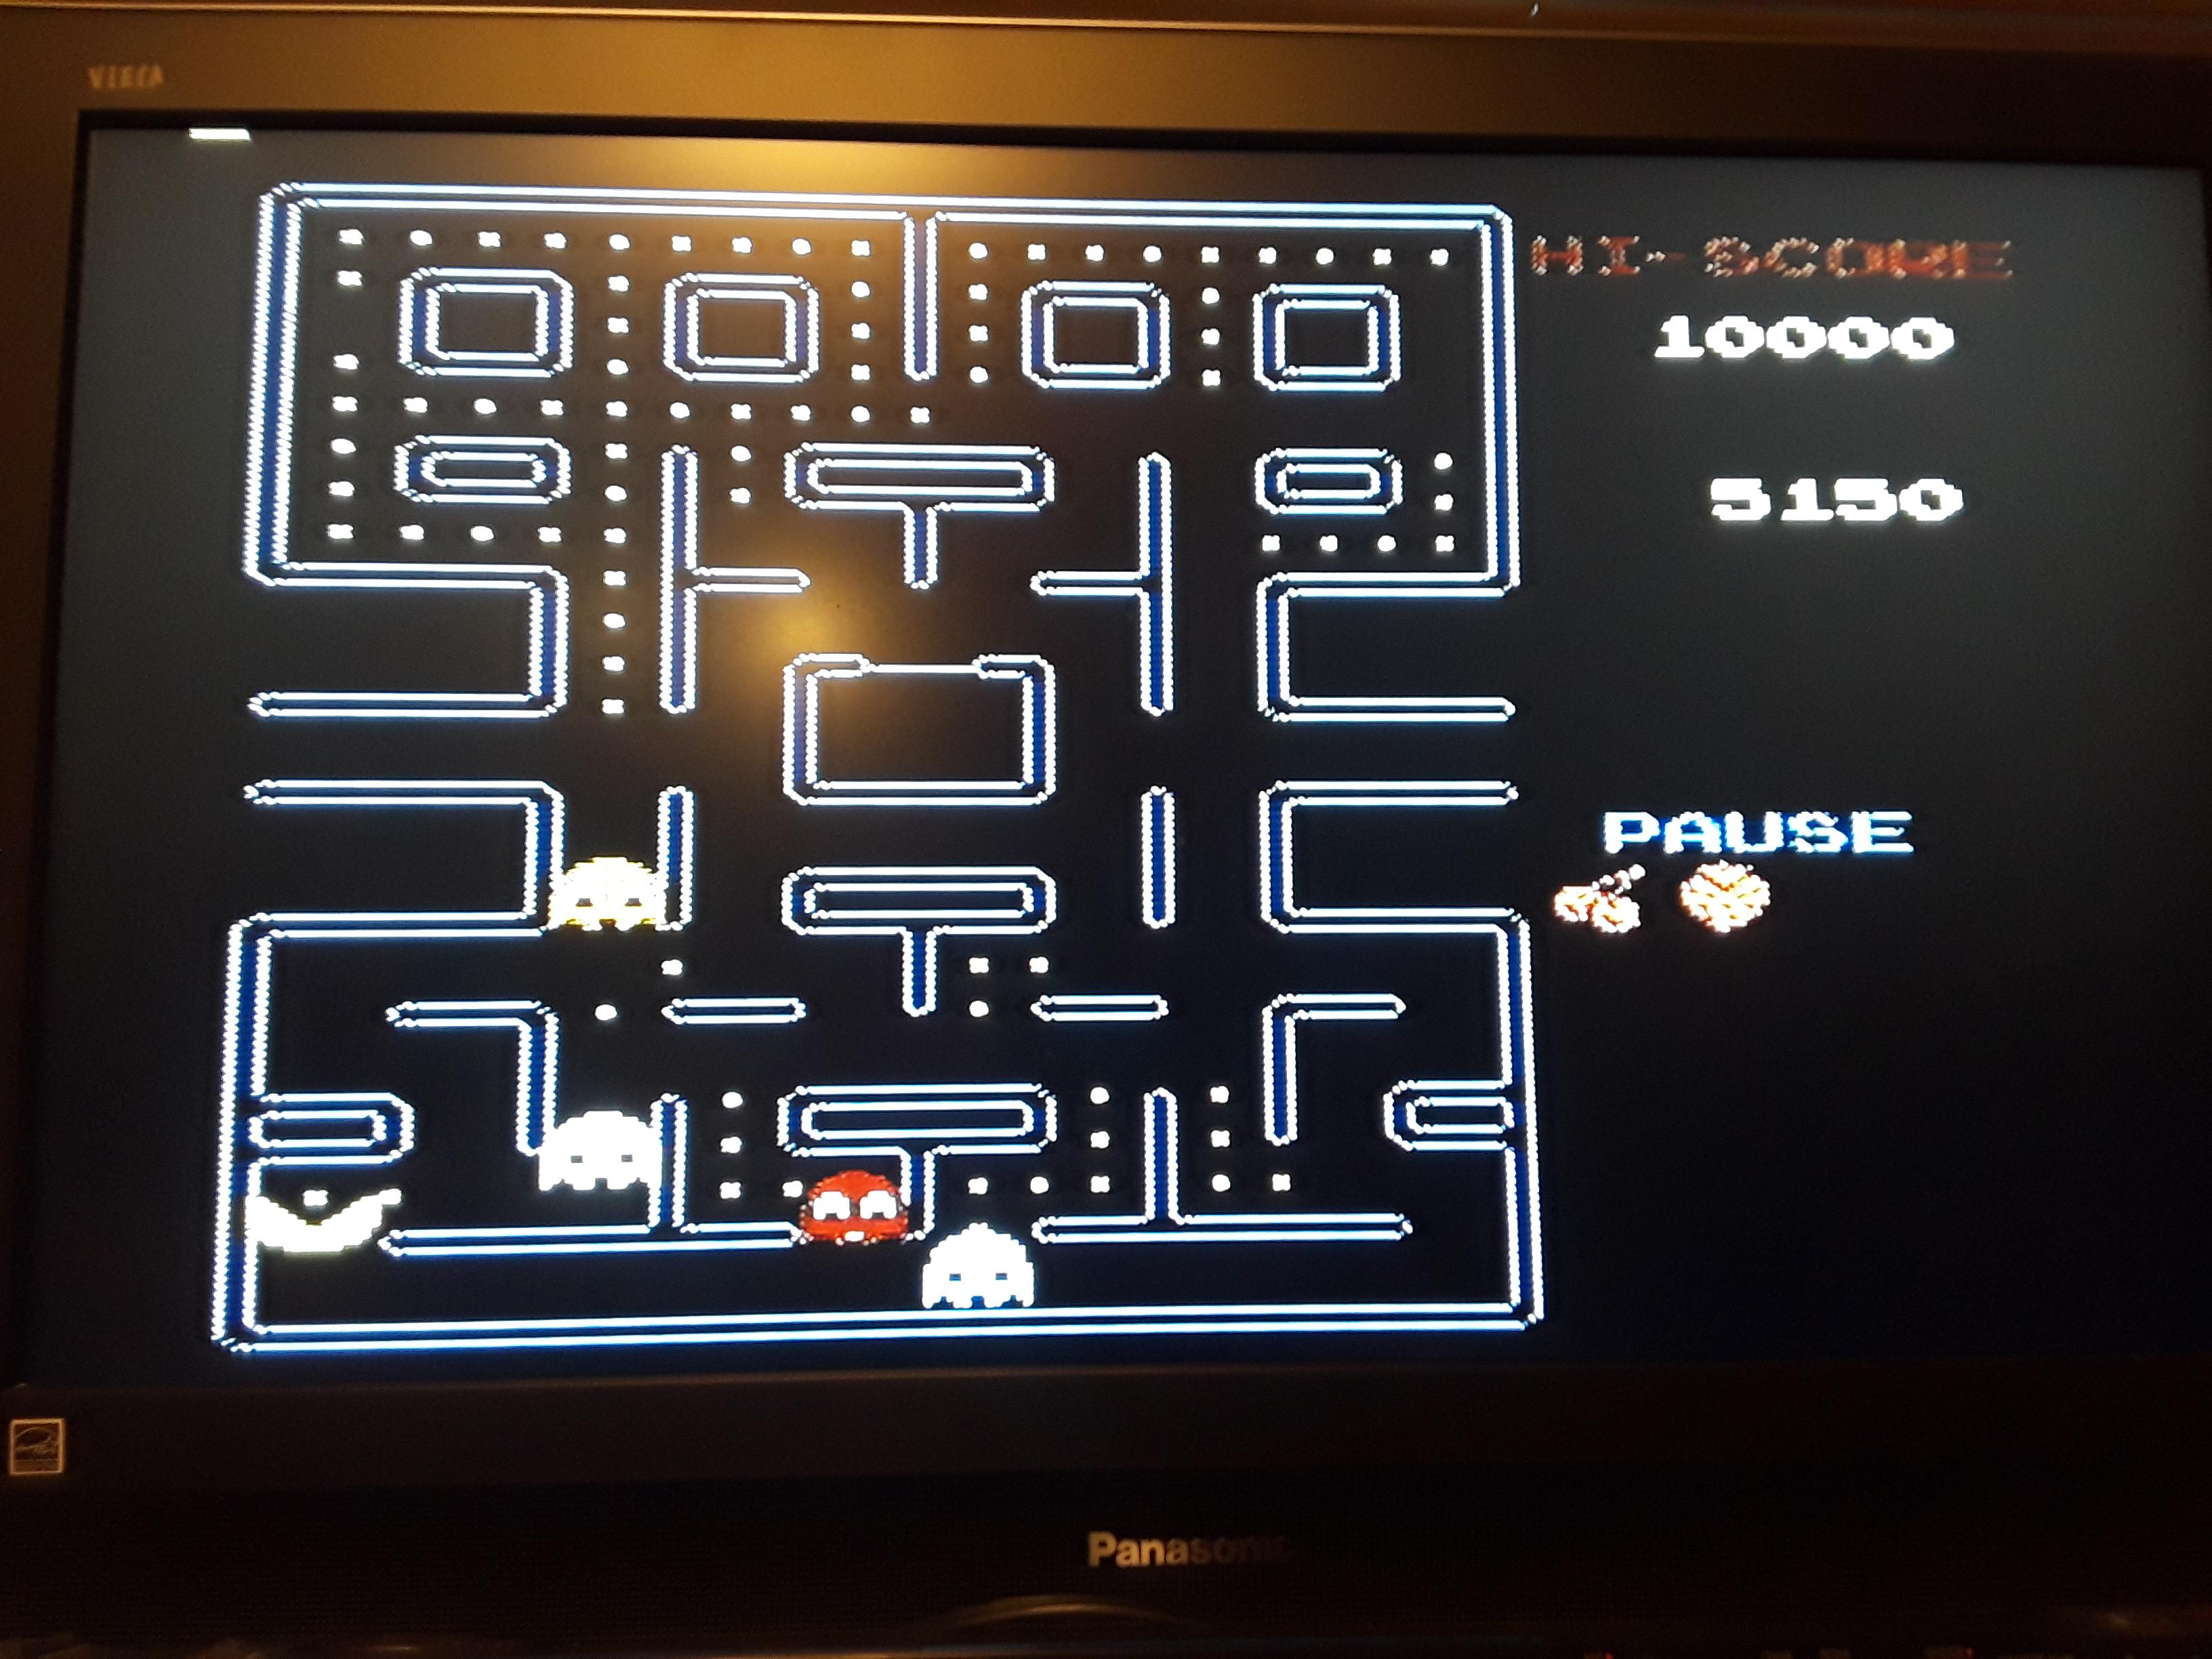 Pac-Man [Tengen] 5,150 points